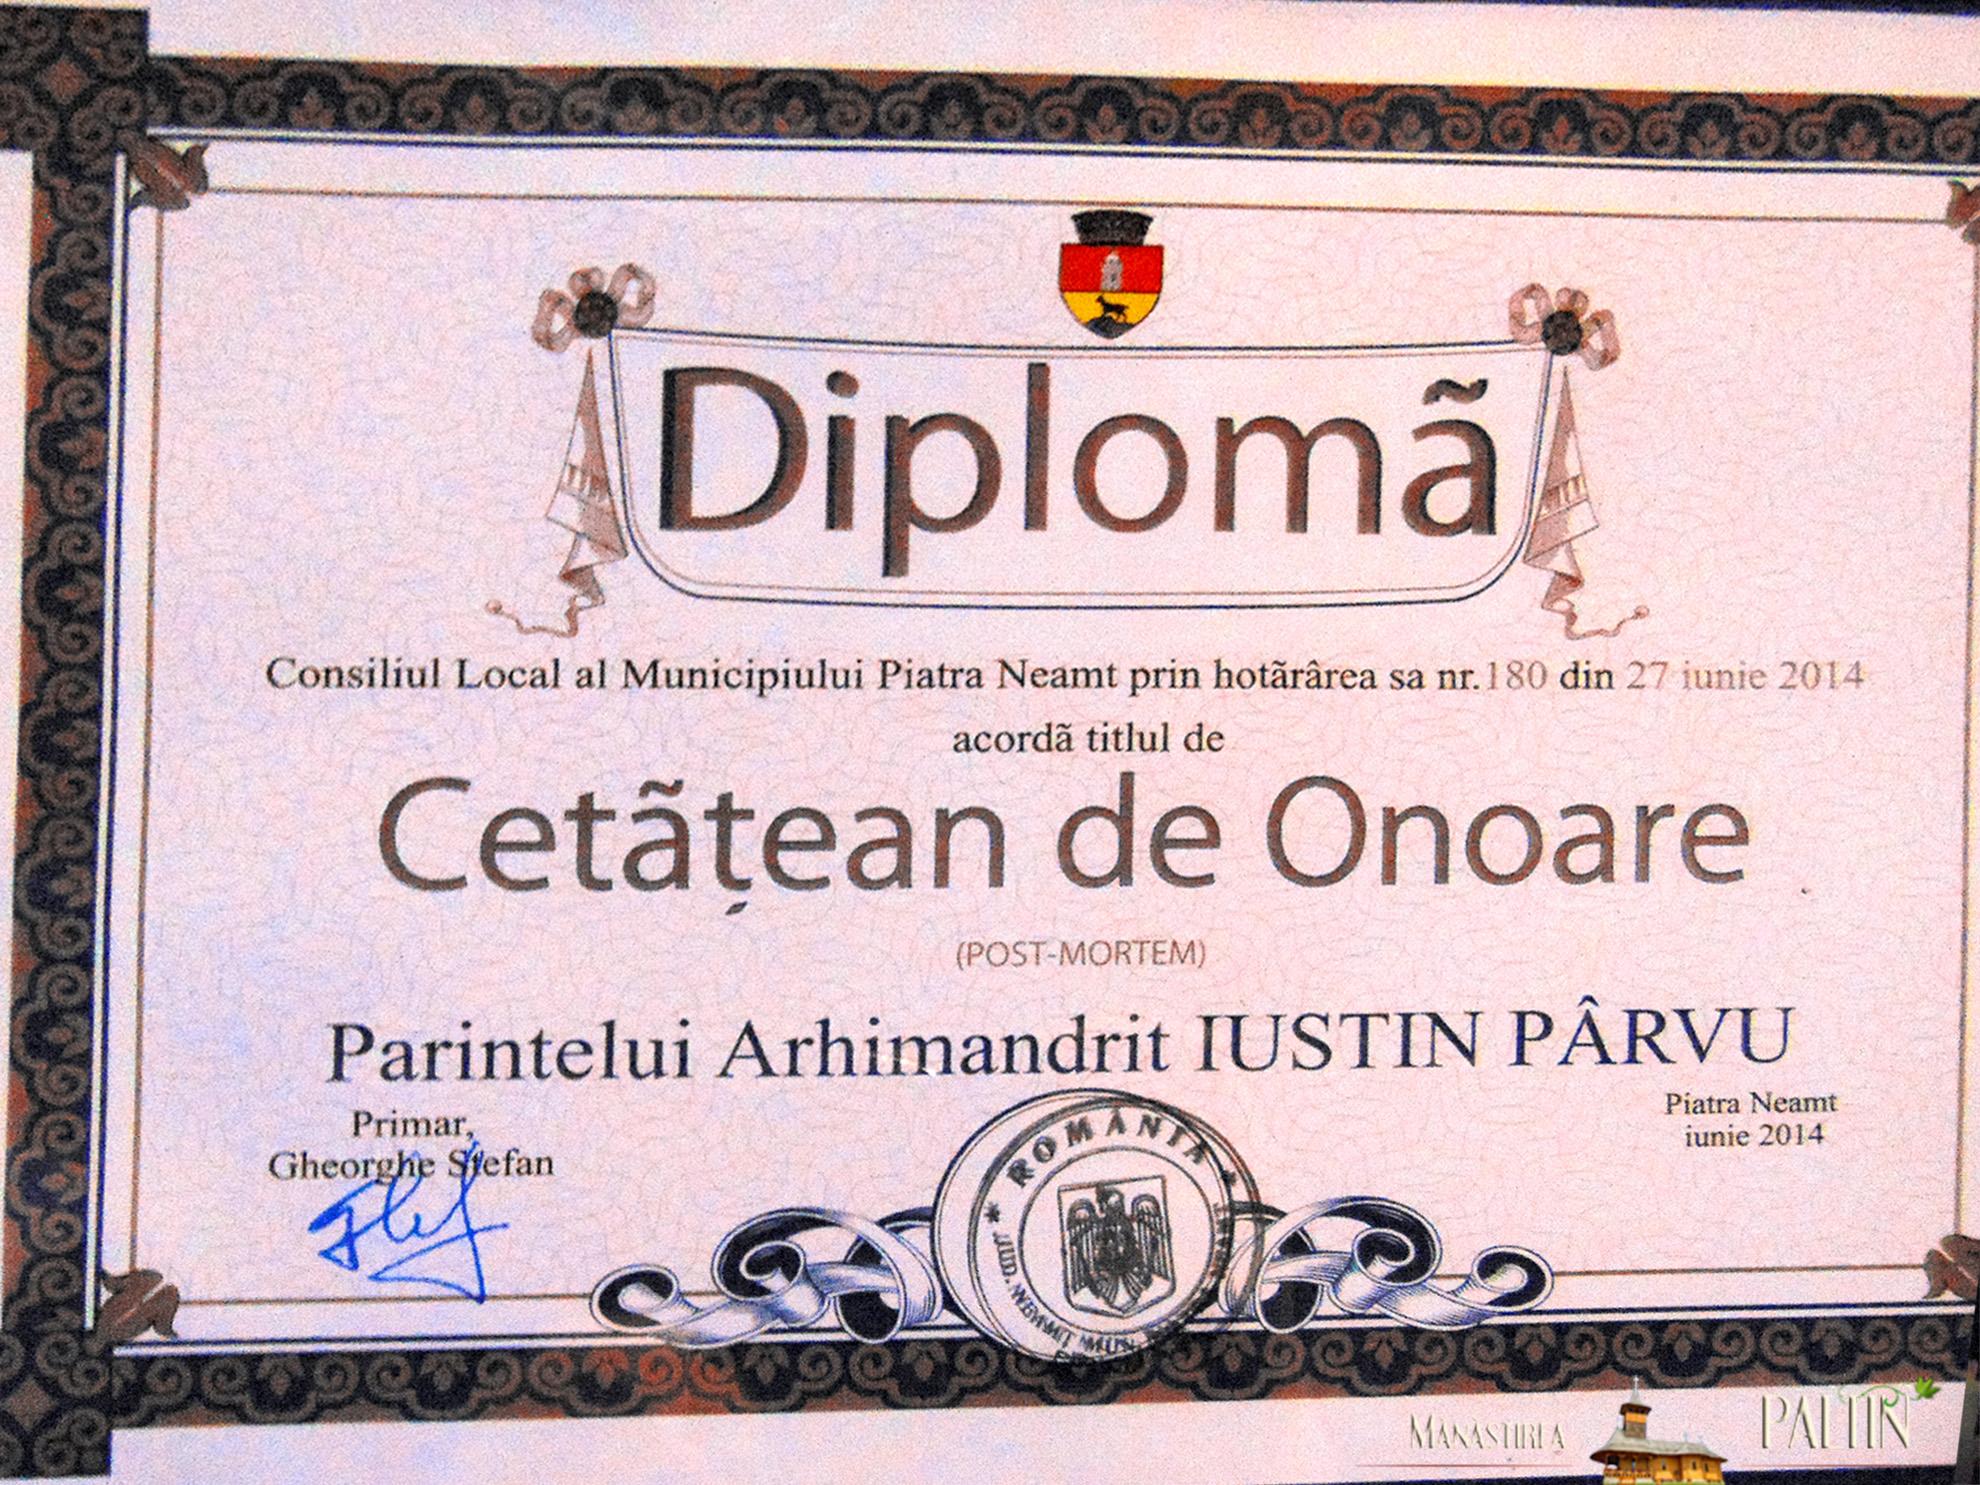 ceremonie_titlu_cetatean-de-onoare-Parintele-Justin-Piatra-Neamt 2